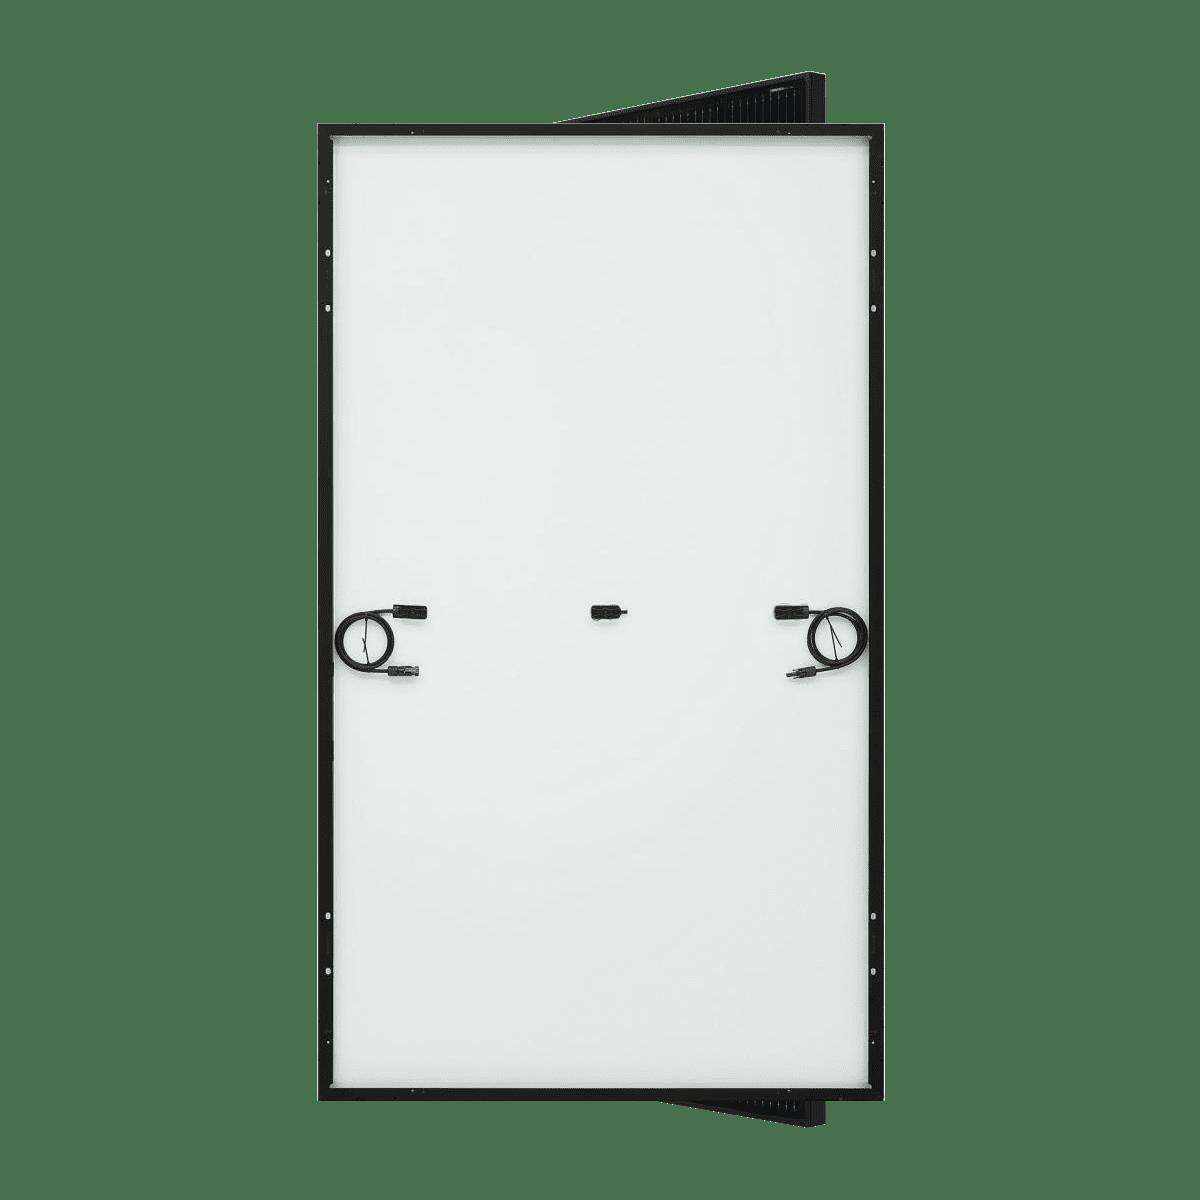 panneaux solaire lg electronics neon h tout noir 370w derriere